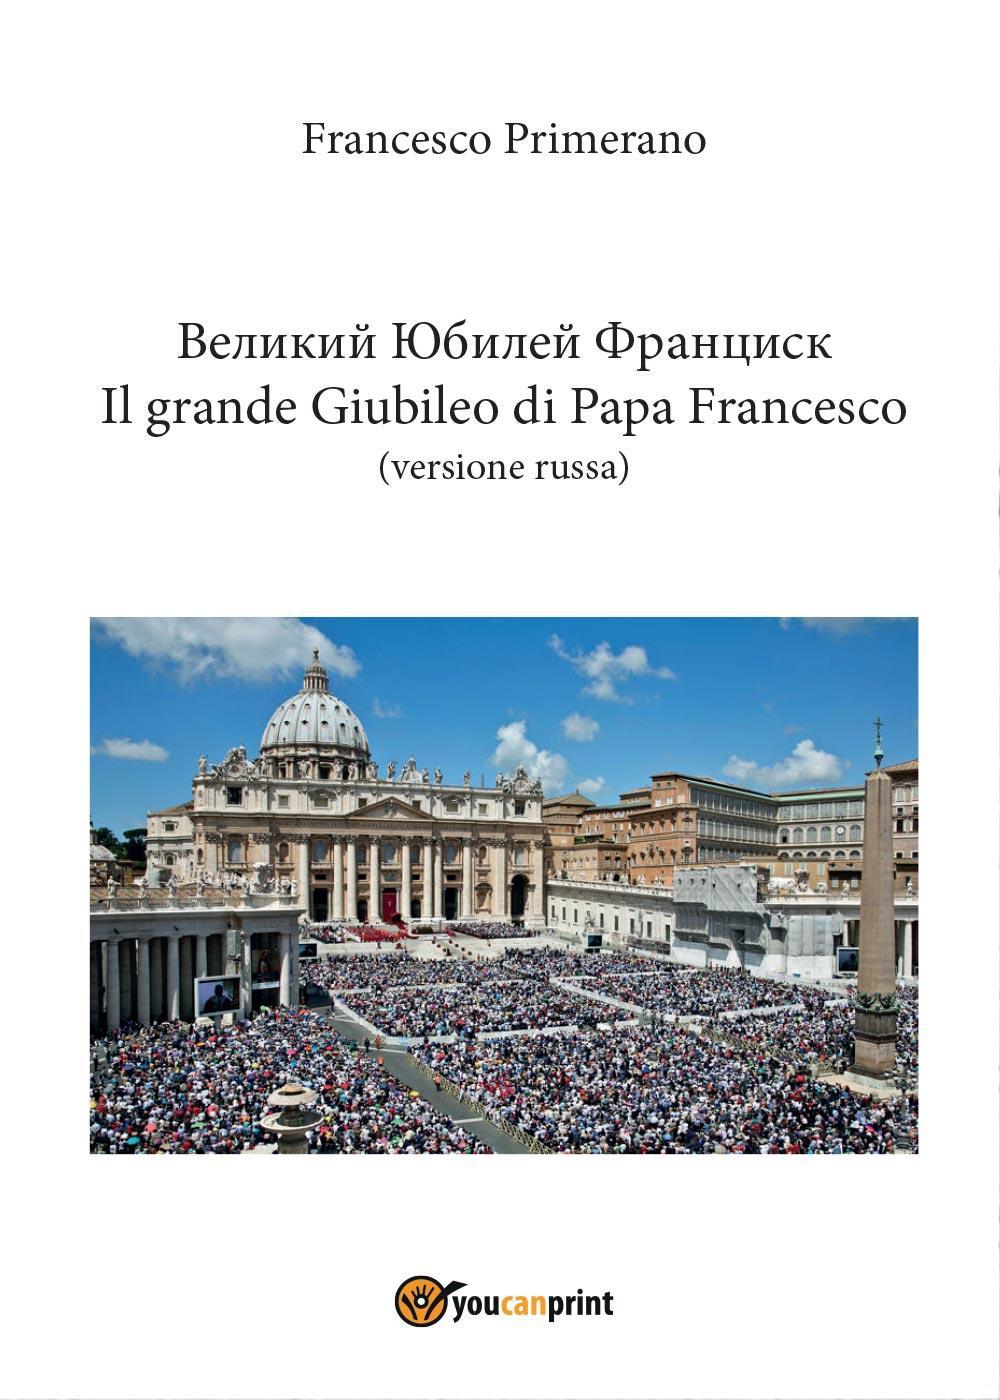 Il grande Giubileo di Papa Francesco (versione russa)